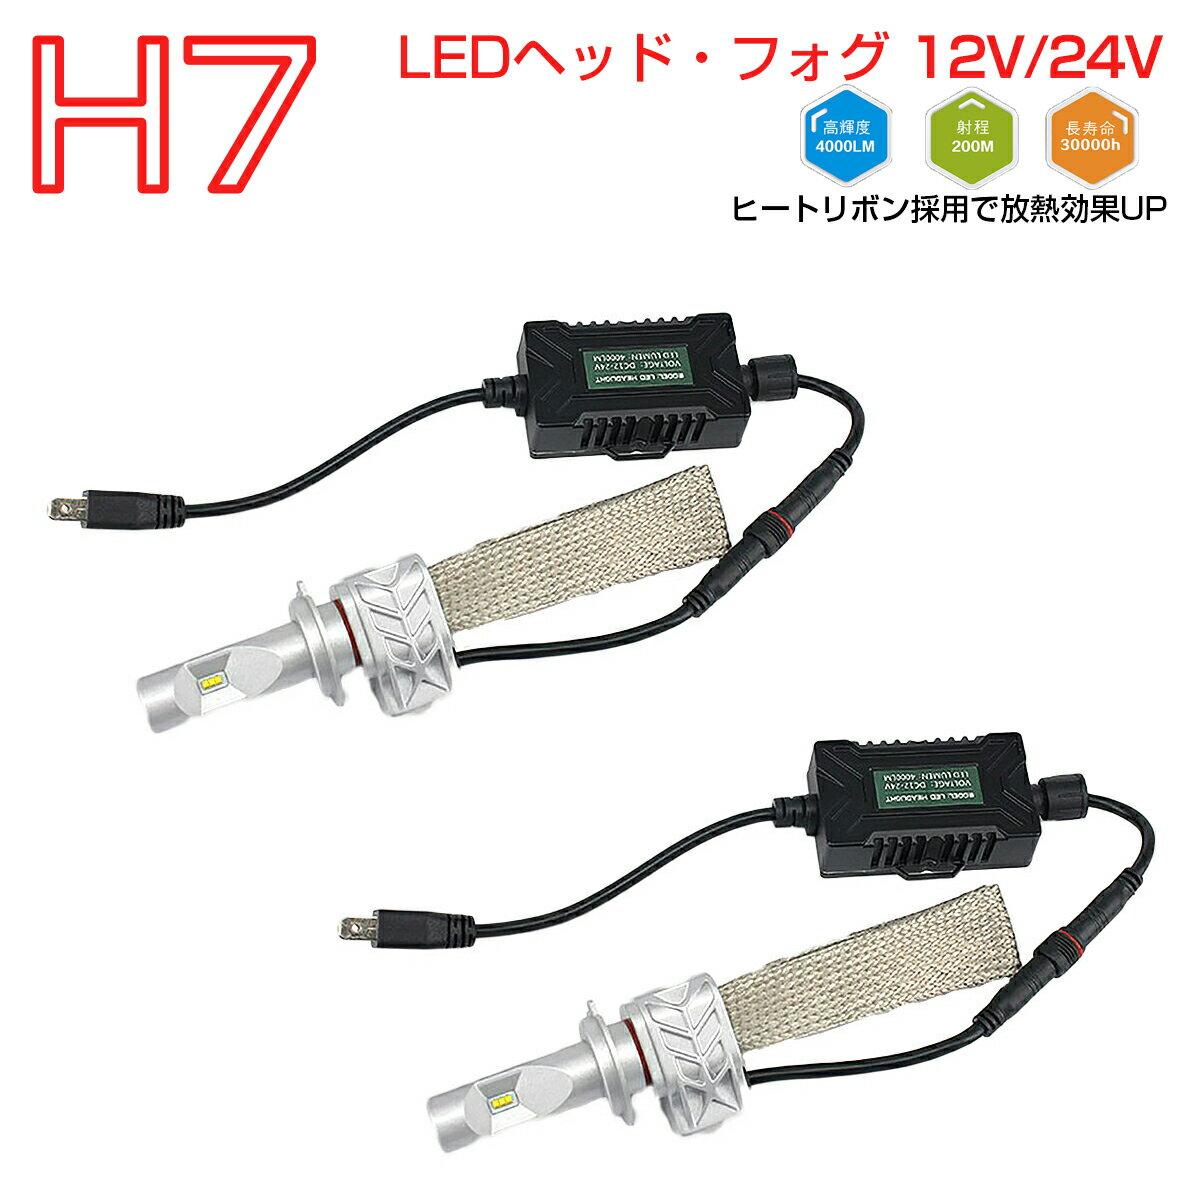 SUZUKI SX-4 セダン H19.7〜 YC11S HID仕様 ヘッドライト ハイビーム [H7] 2個入り PHILIPS LED H7 ヒートリボン採用 宅配便送料無料 6ヶ月保証 K&M